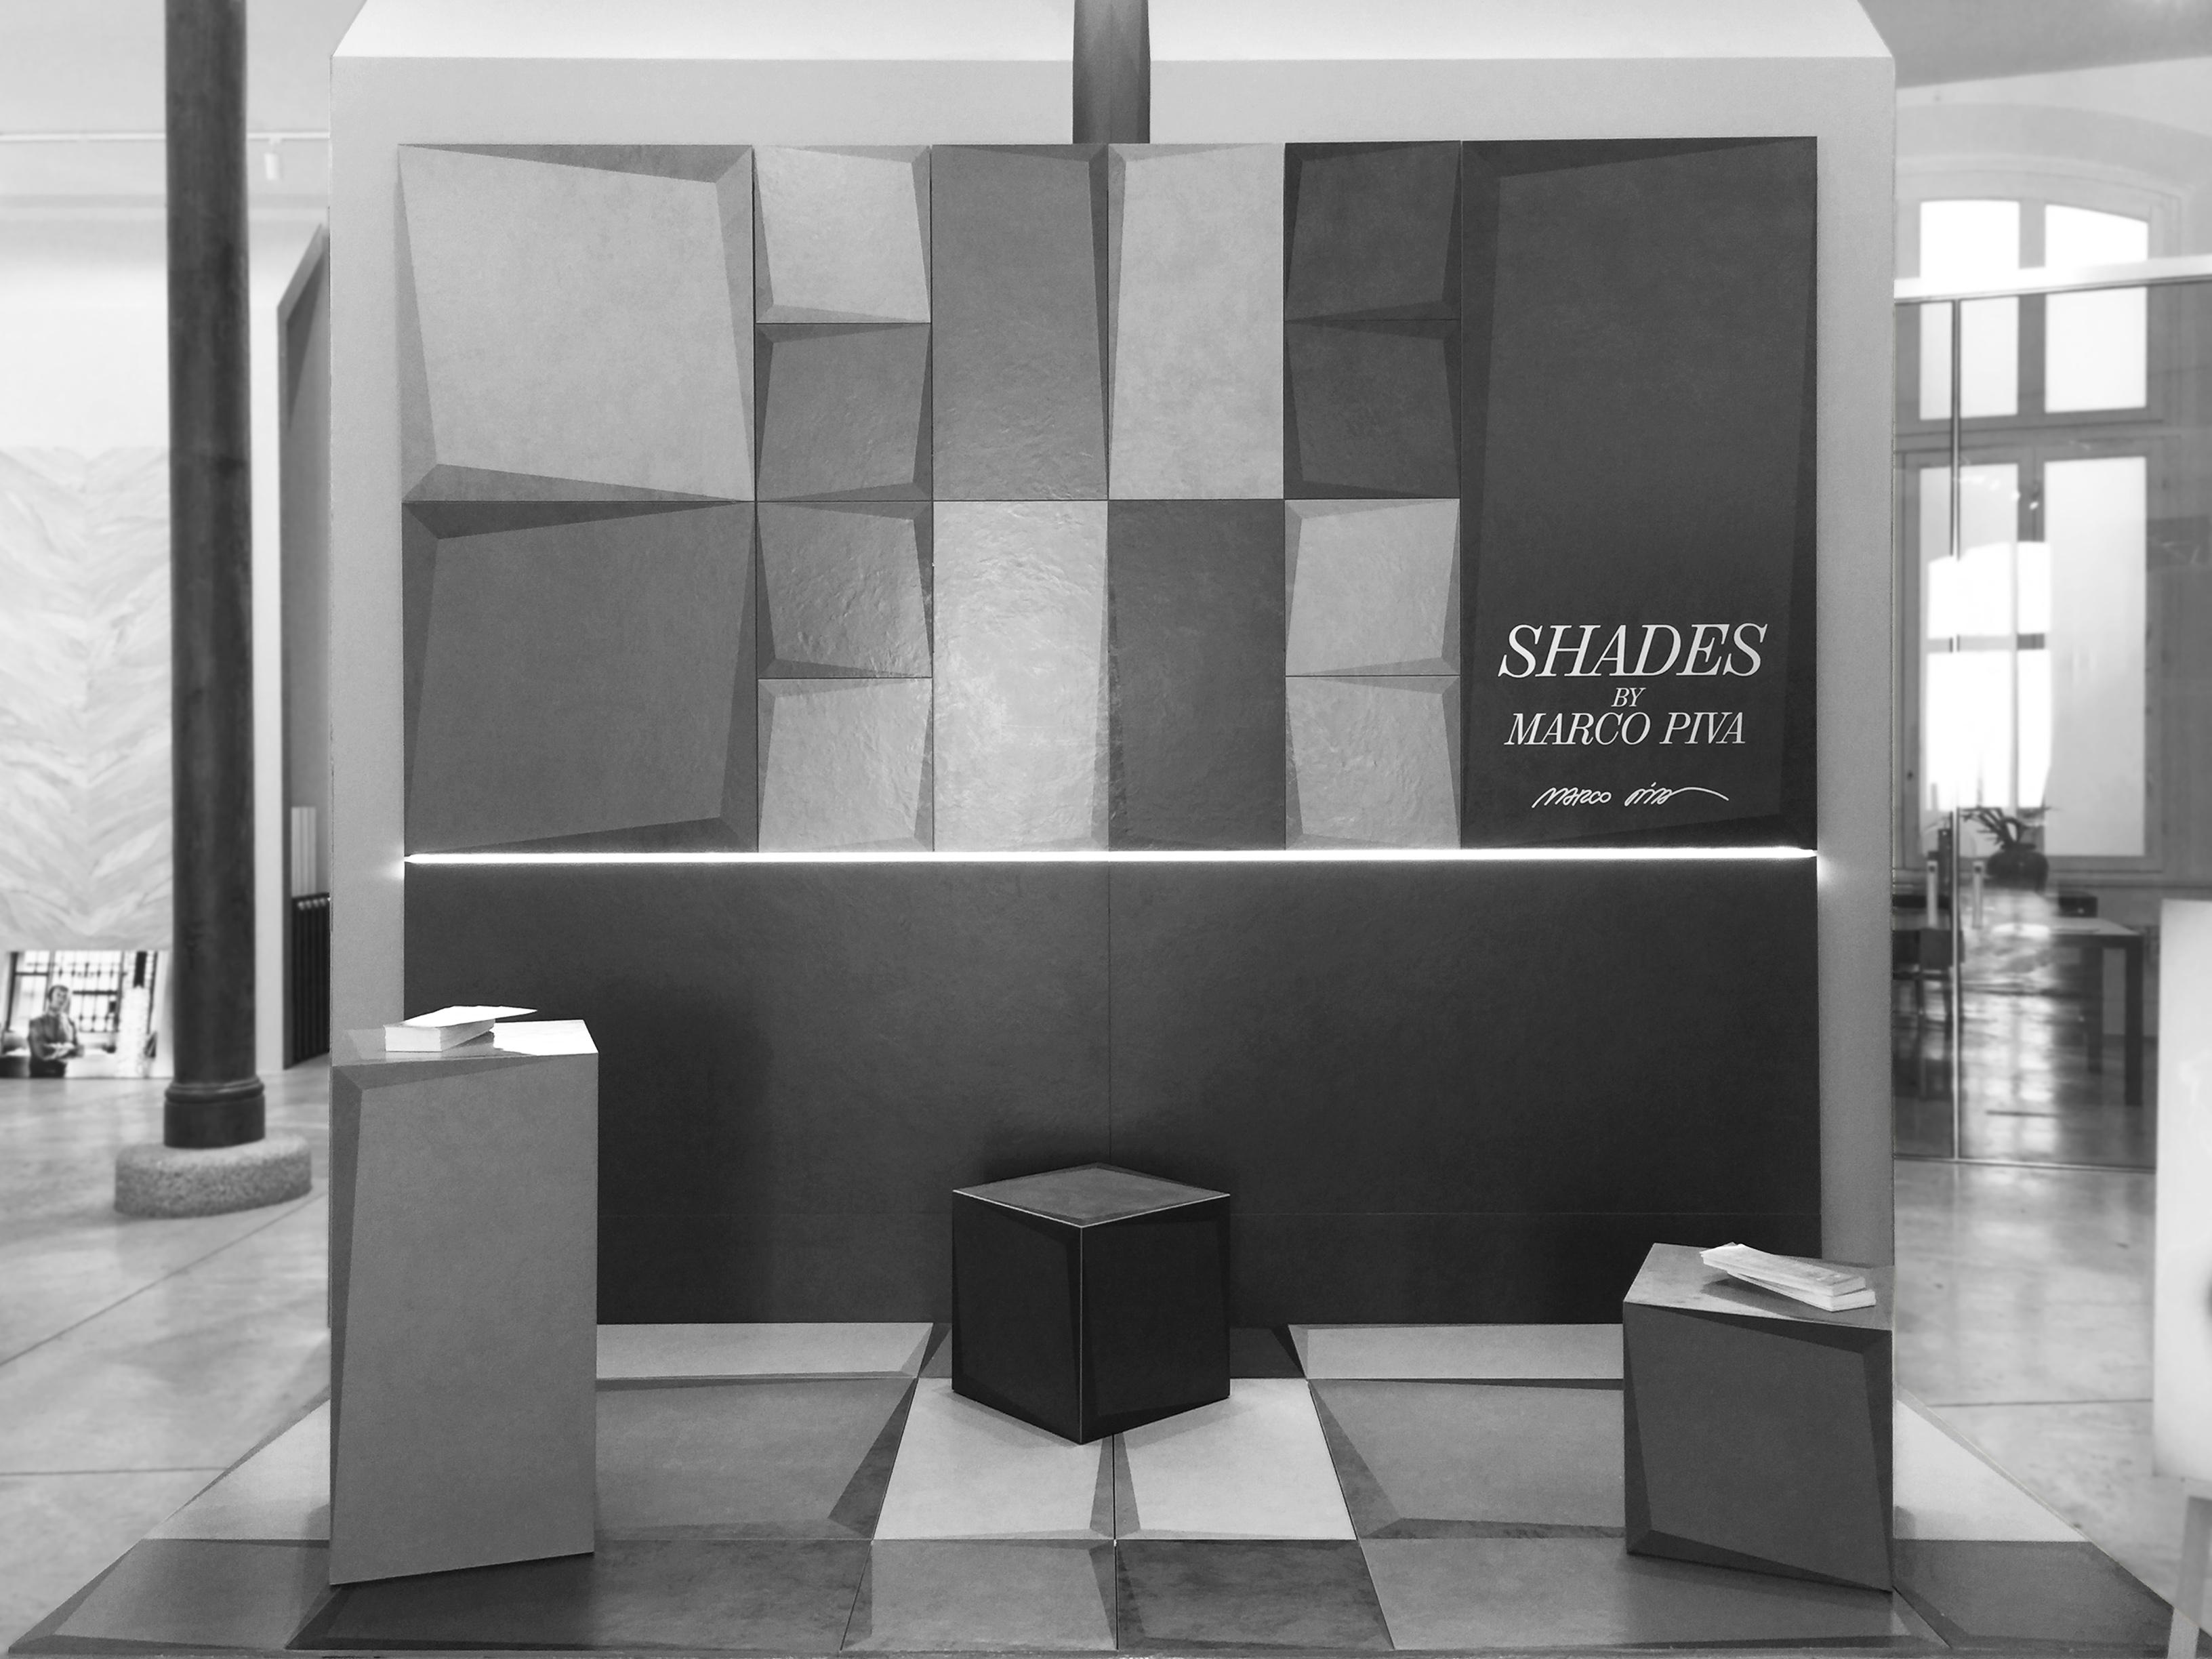 """""""SHADES"""" La terza dimensione """" apparente """" della ceramica Design Marco Piva per Casalgrande Padana"""